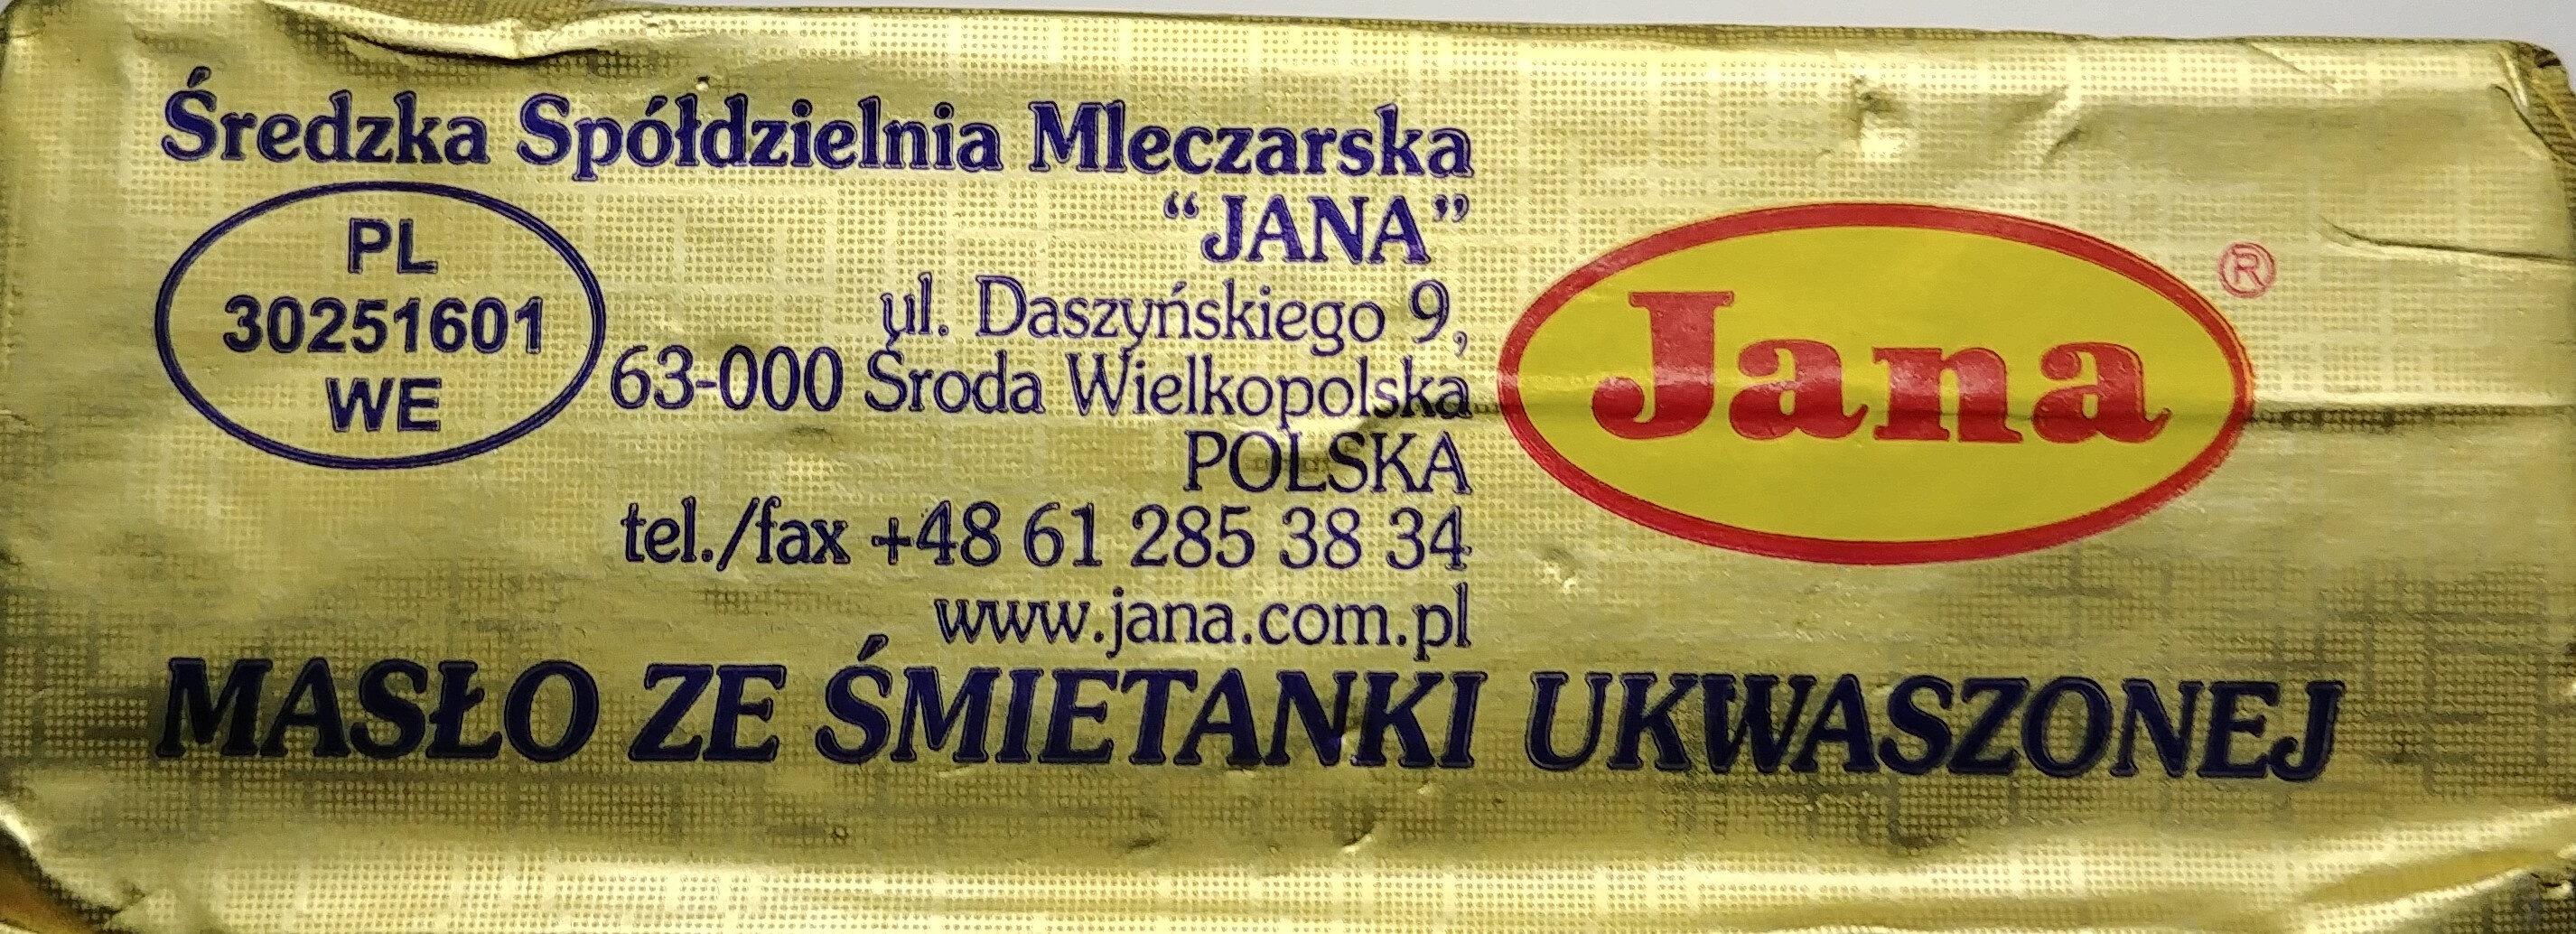 Masło ekstra wiejskie - Składniki - pl